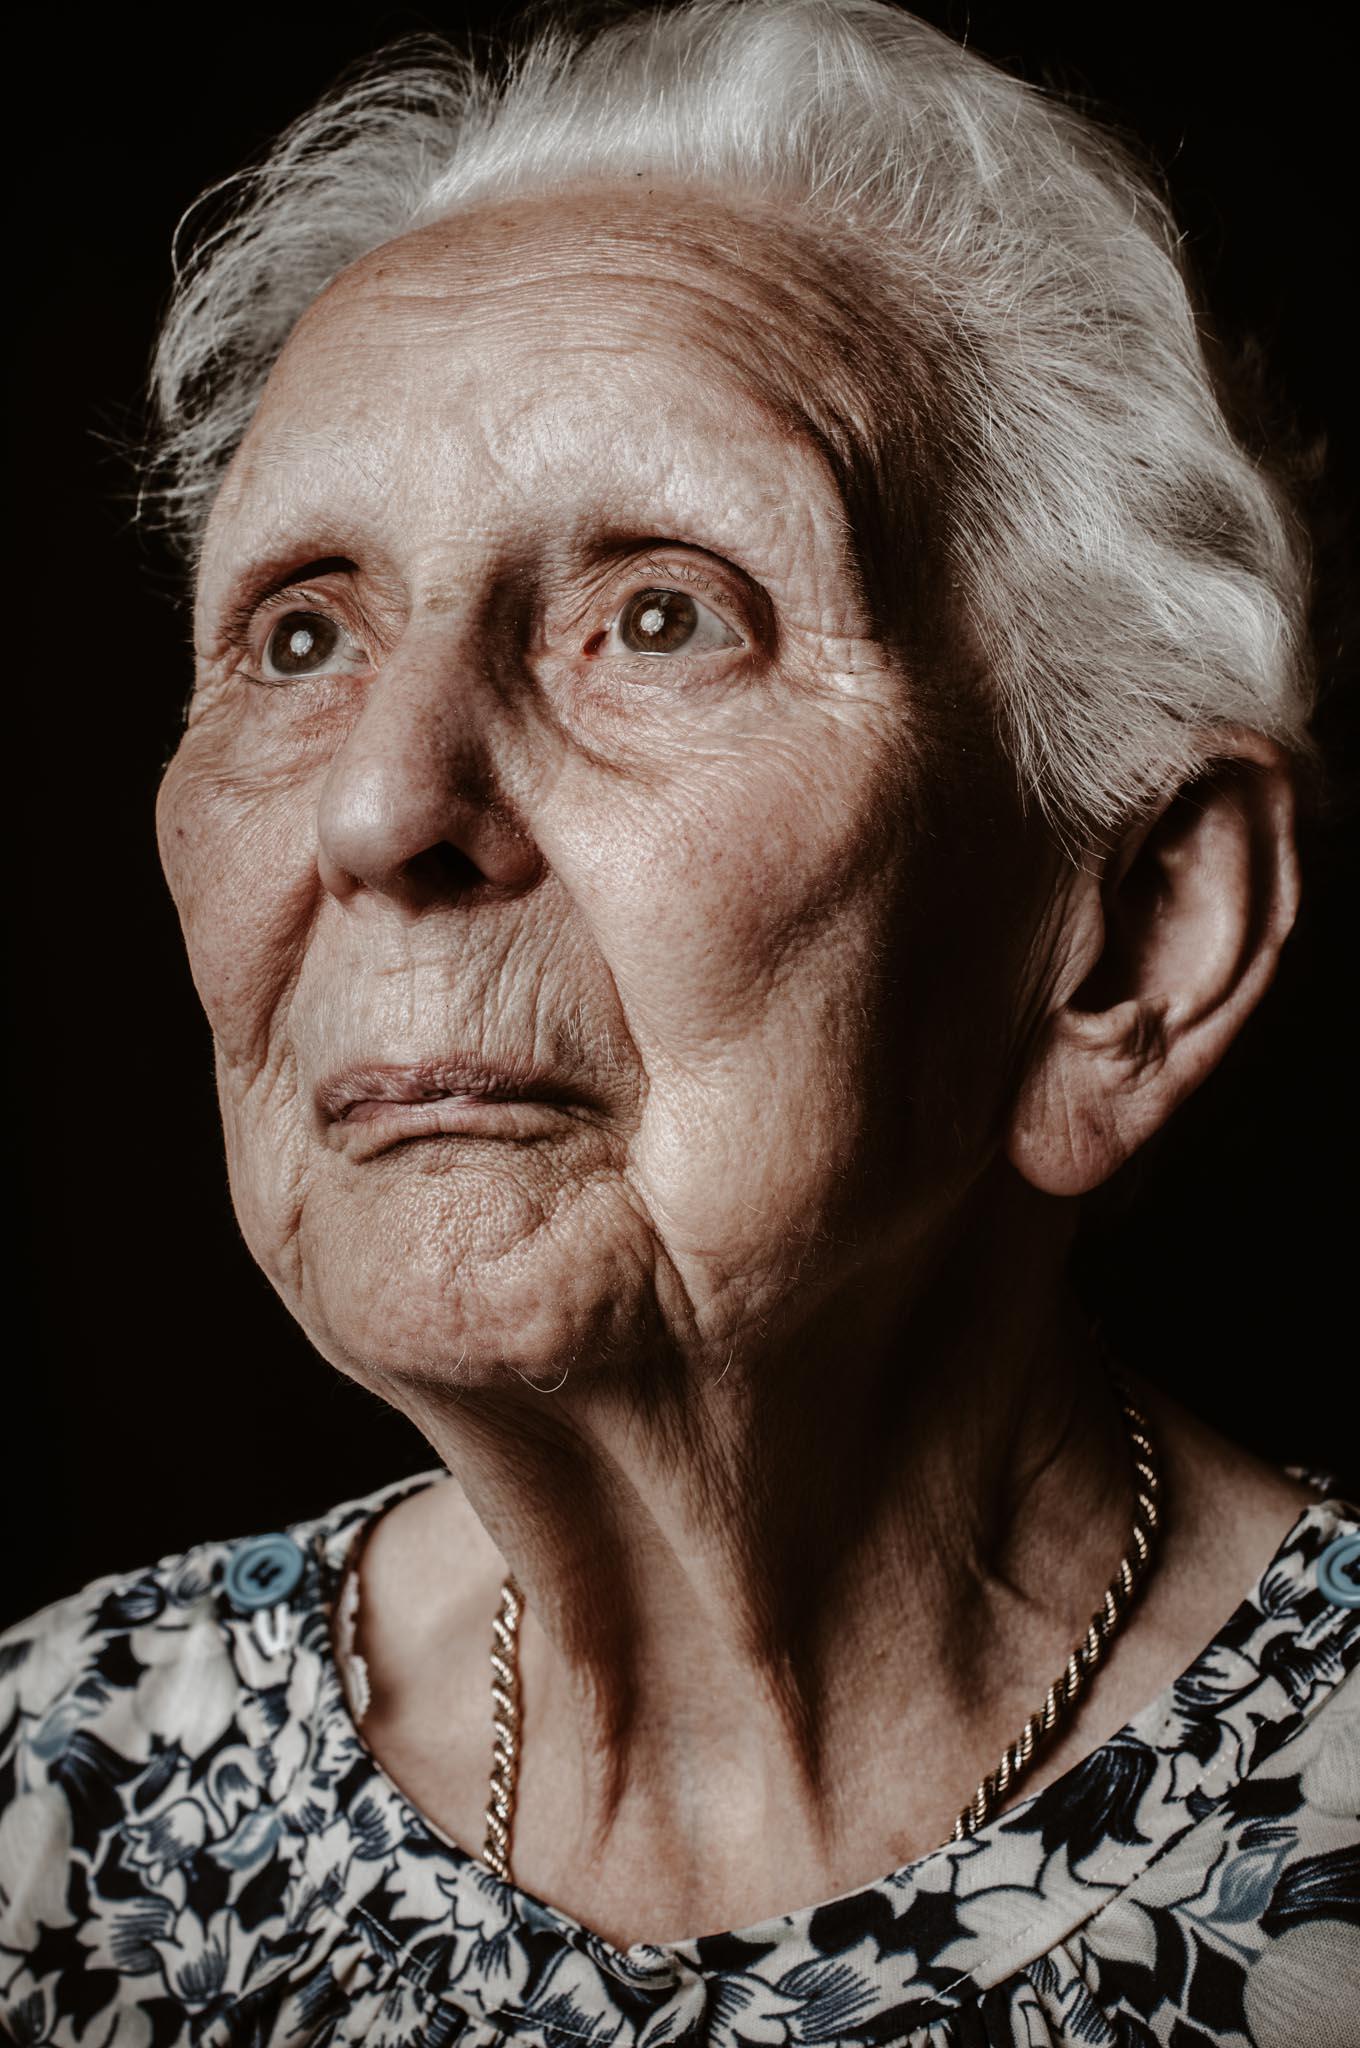 Séance portrait studio à domicile d'une personne âgée par Geoffrey Arnoldy photographe